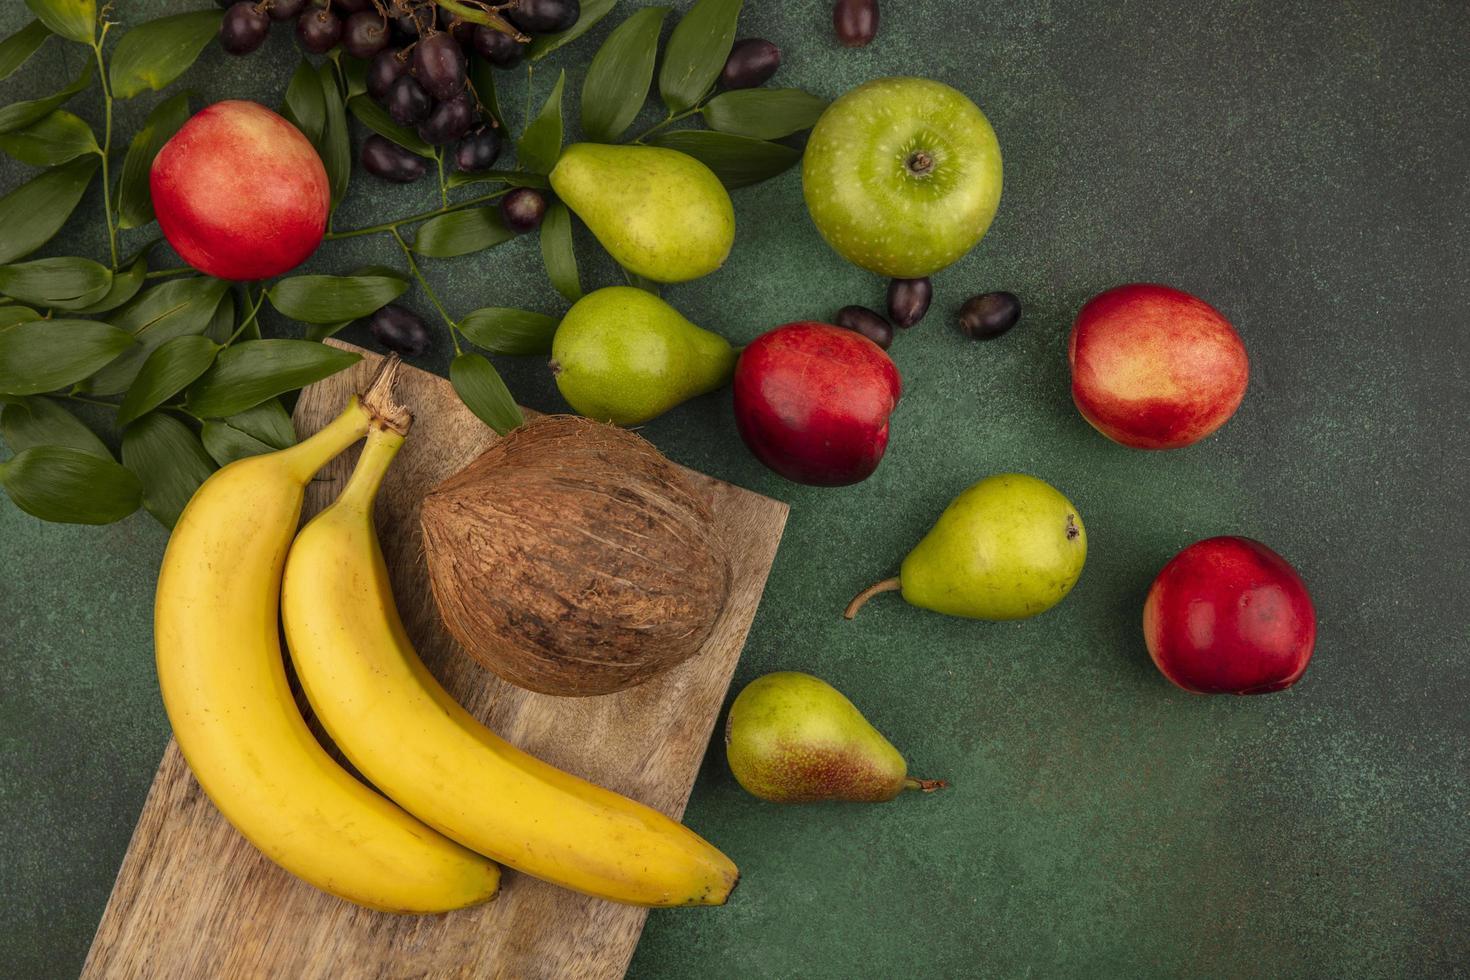 verschiedene Früchte auf Schneidebrett auf grünem Hintergrund foto